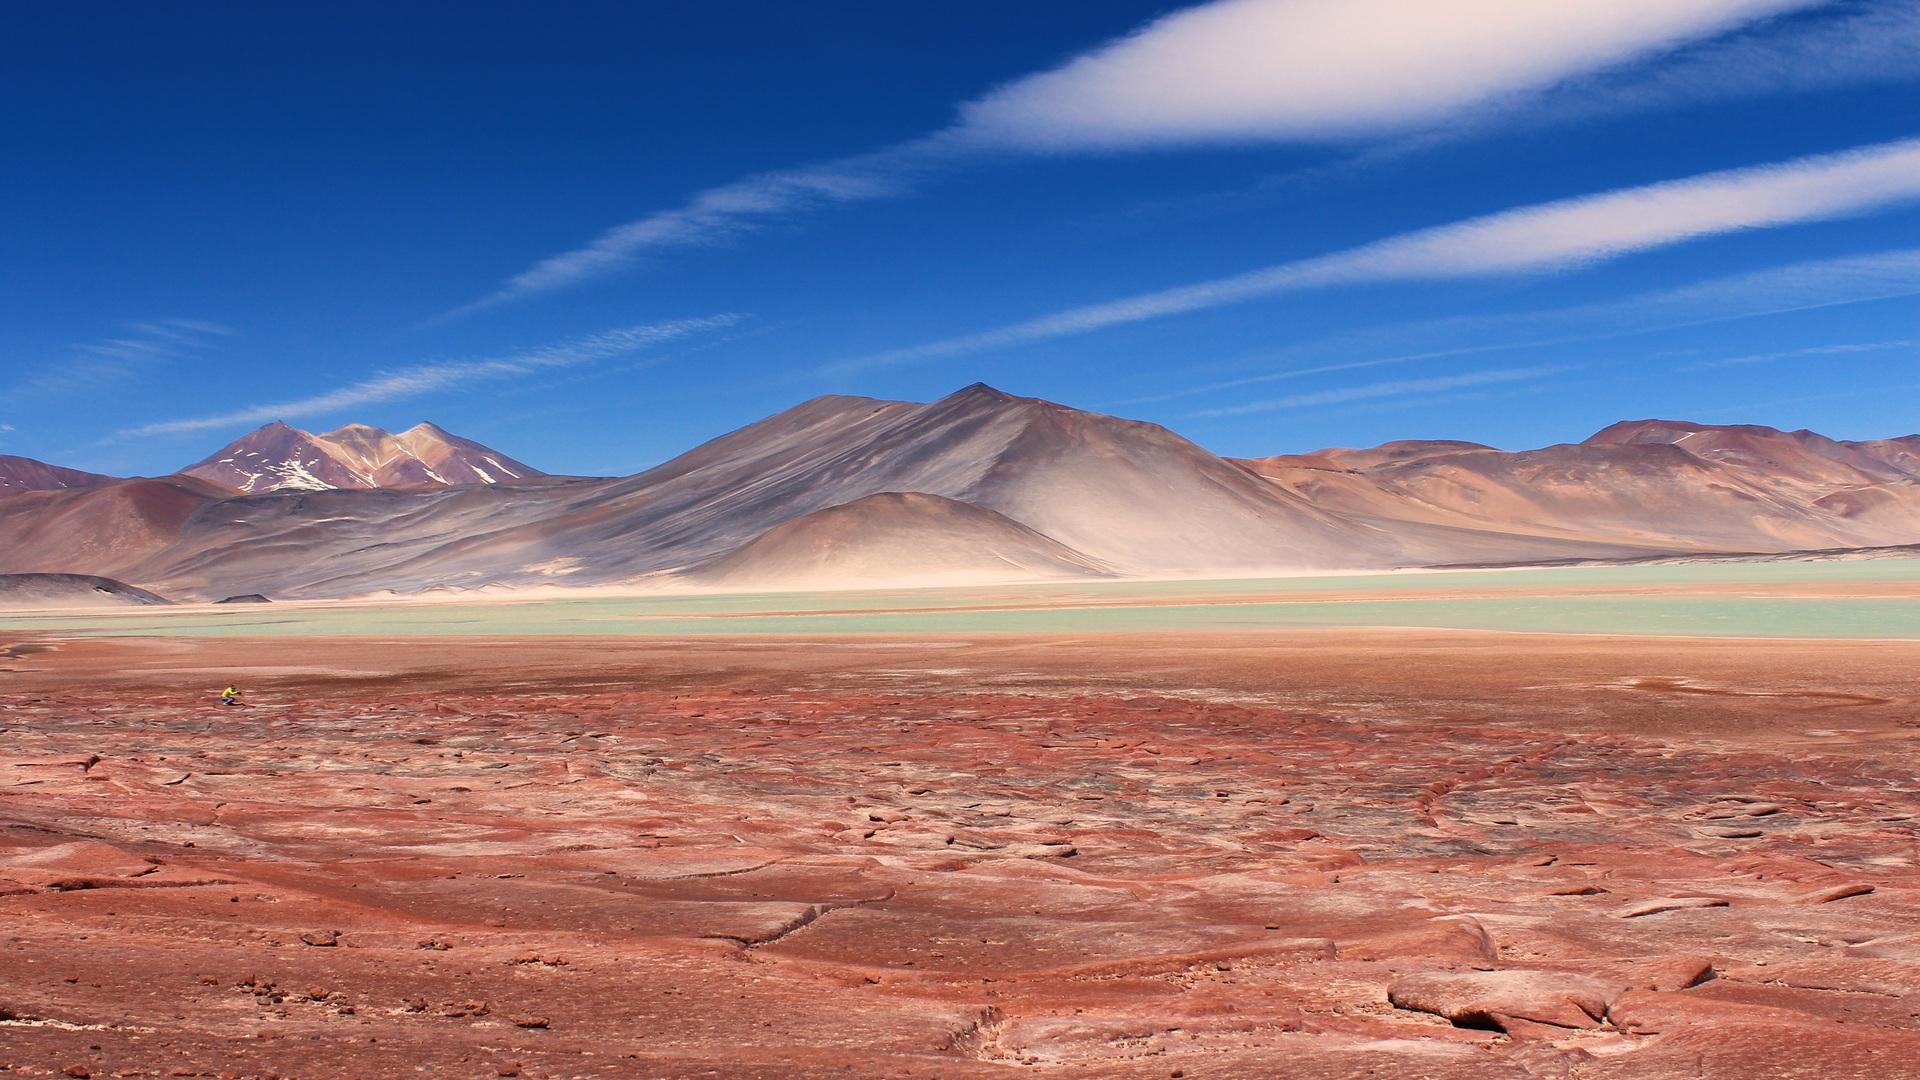 1920x1080 desert landscape sky mountain travel nature laptop full hd